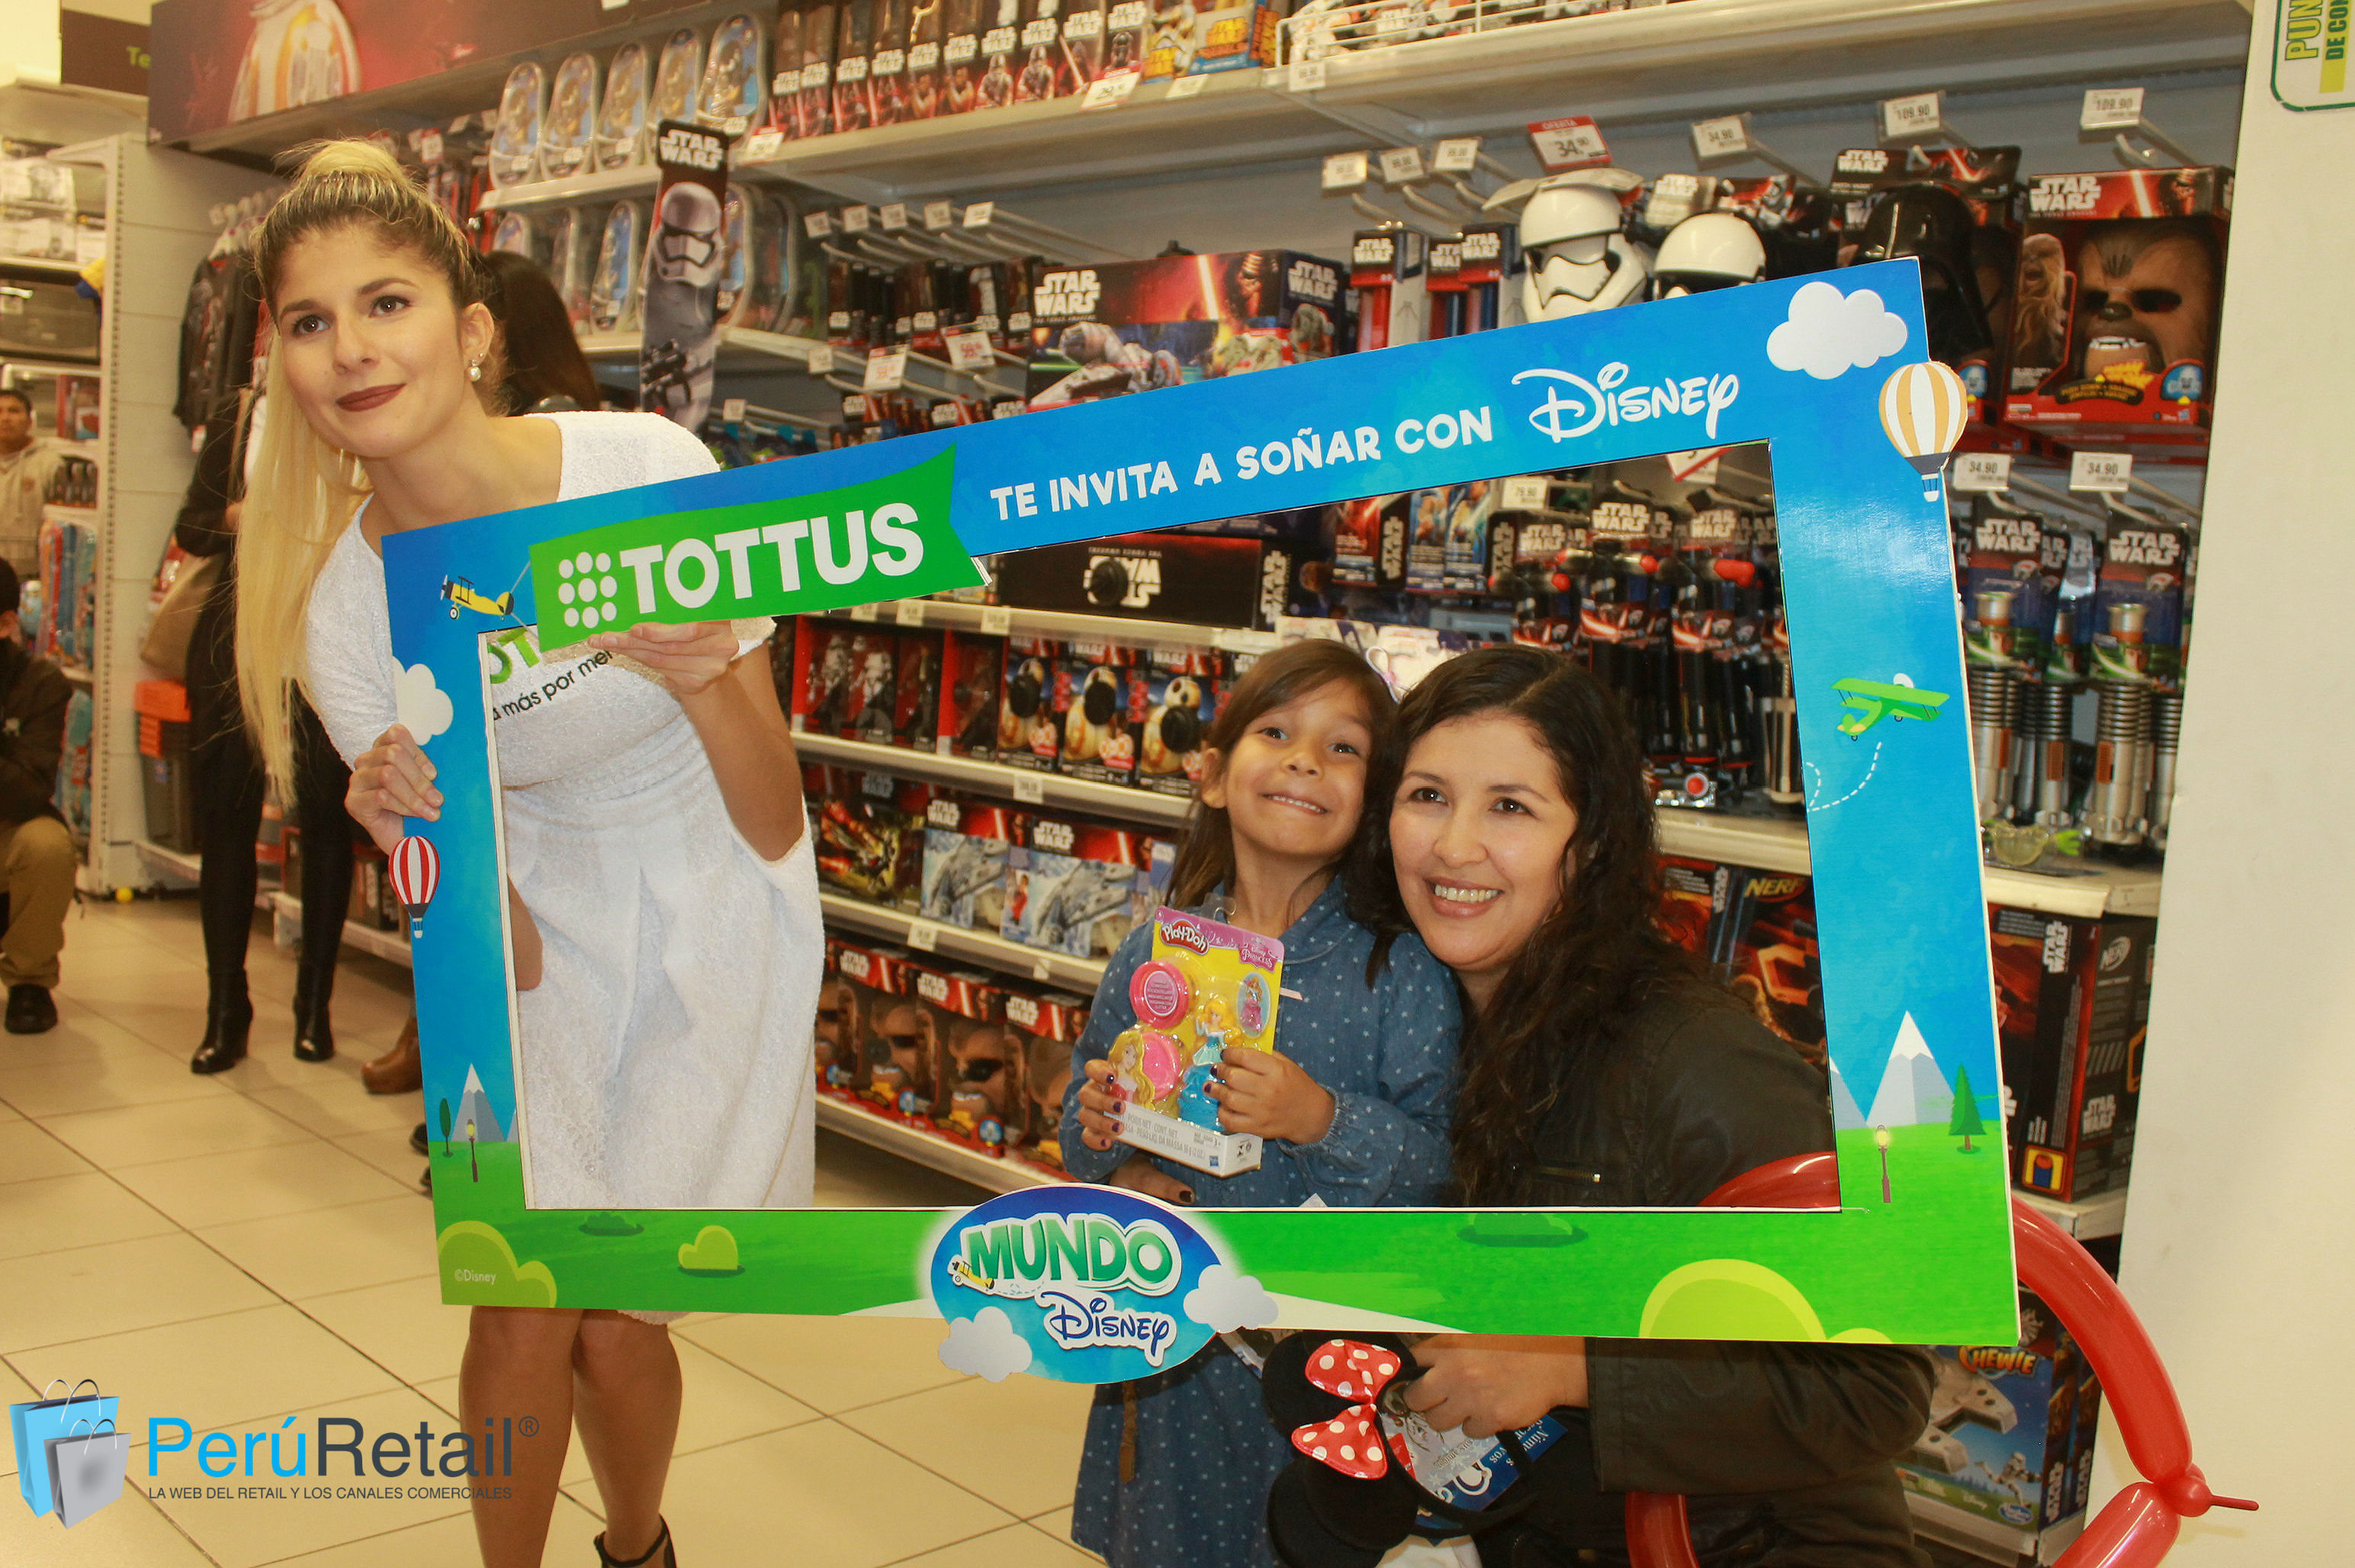 http://www.peru-retail.com/wp-content/uploads/Mundo-Disney-10.jpg